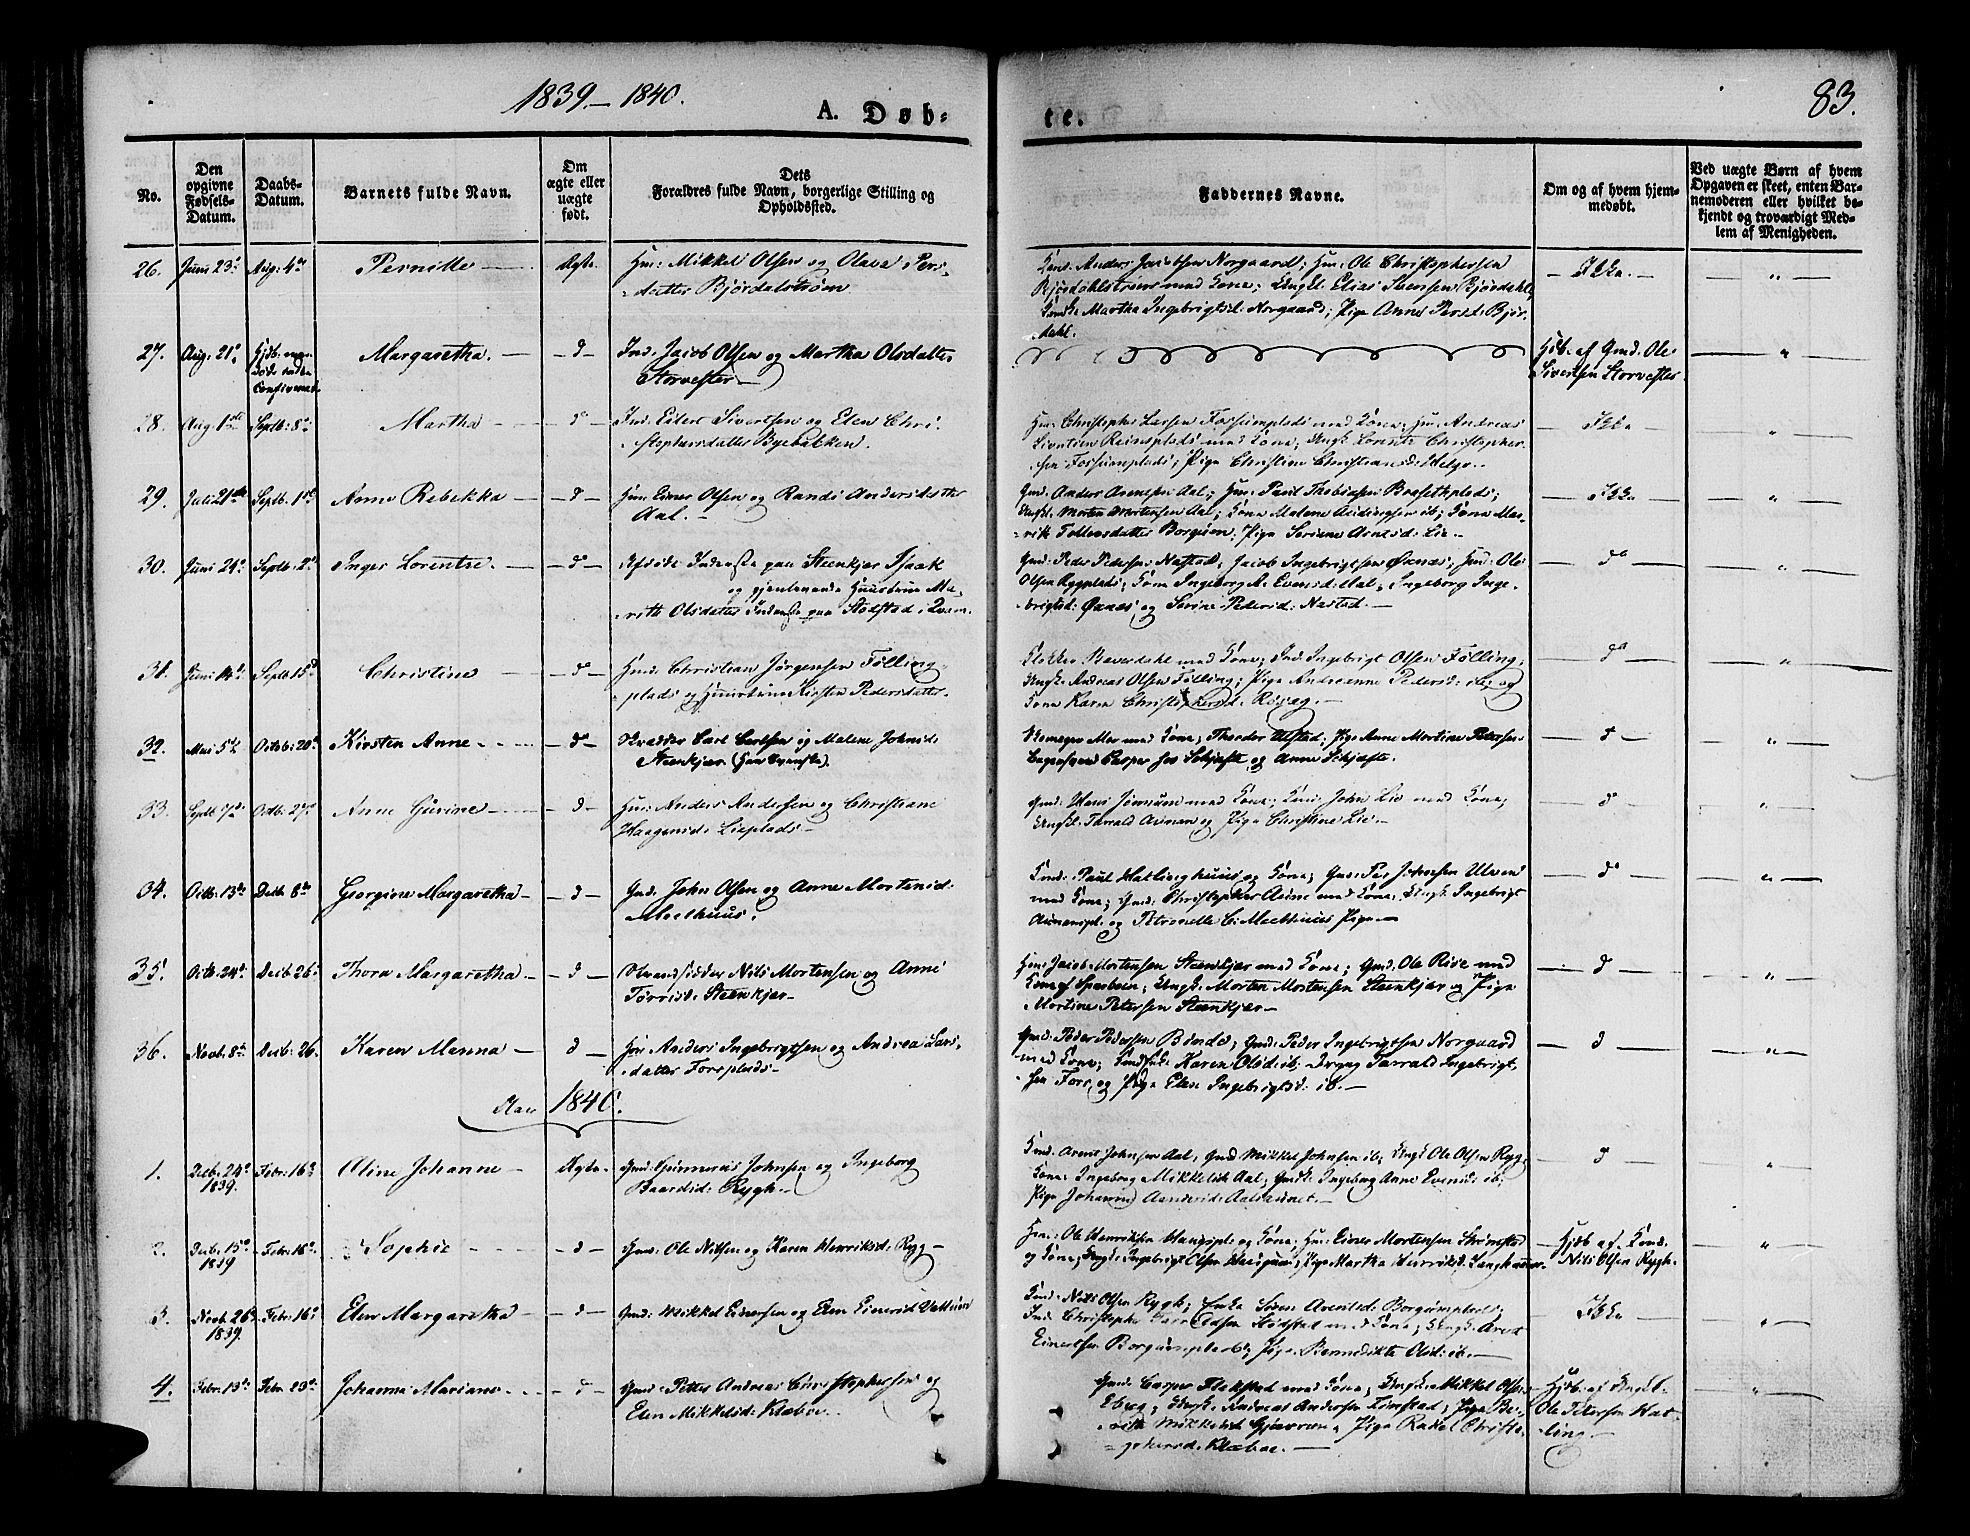 SAT, Ministerialprotokoller, klokkerbøker og fødselsregistre - Nord-Trøndelag, 746/L0445: Ministerialbok nr. 746A04, 1826-1846, s. 83